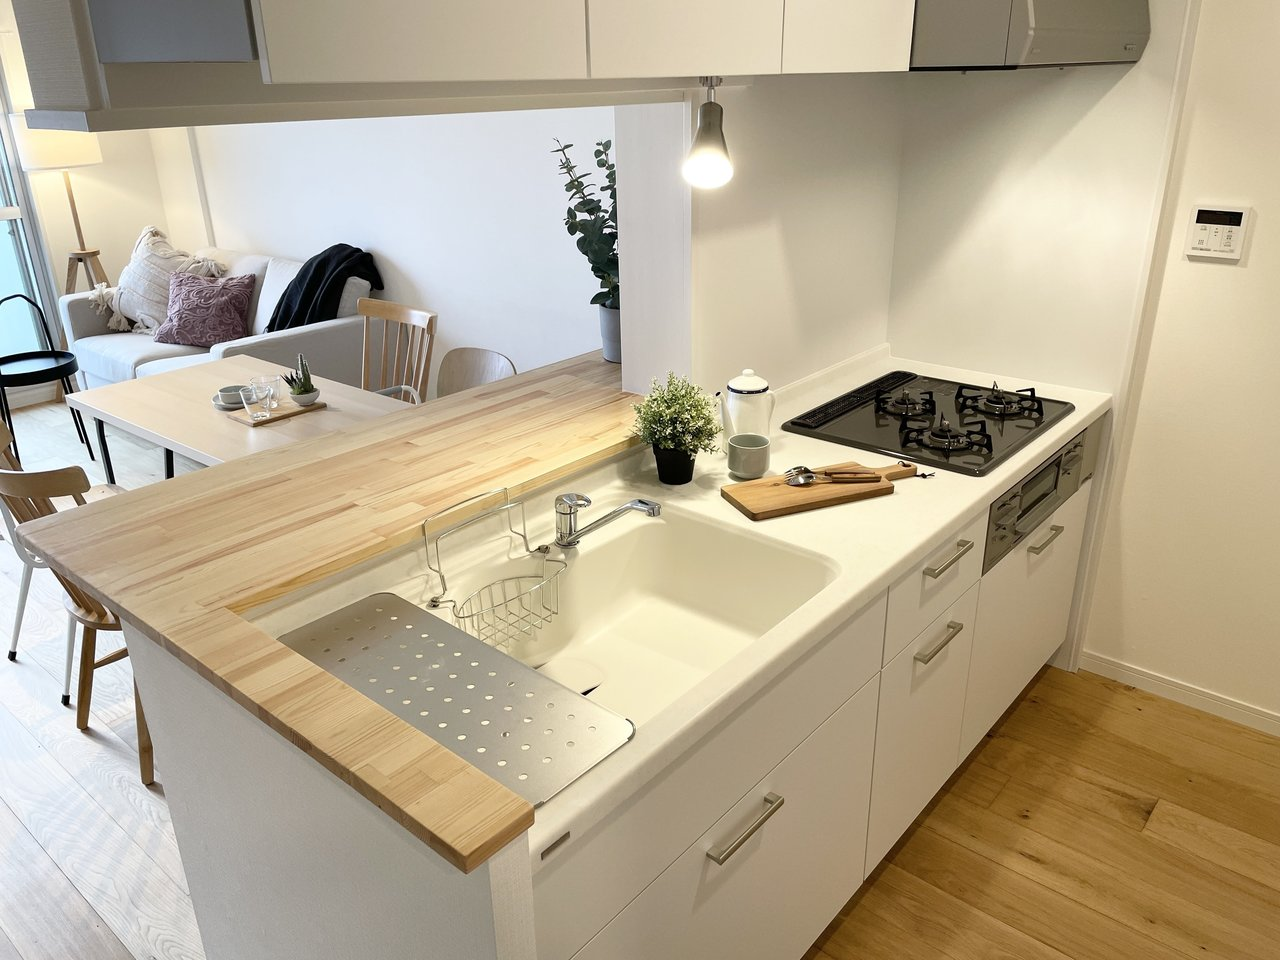 間取りは大きく変えていませんが、キッチンは真っ白のデザインキッチンに変更。こちらも好評です。